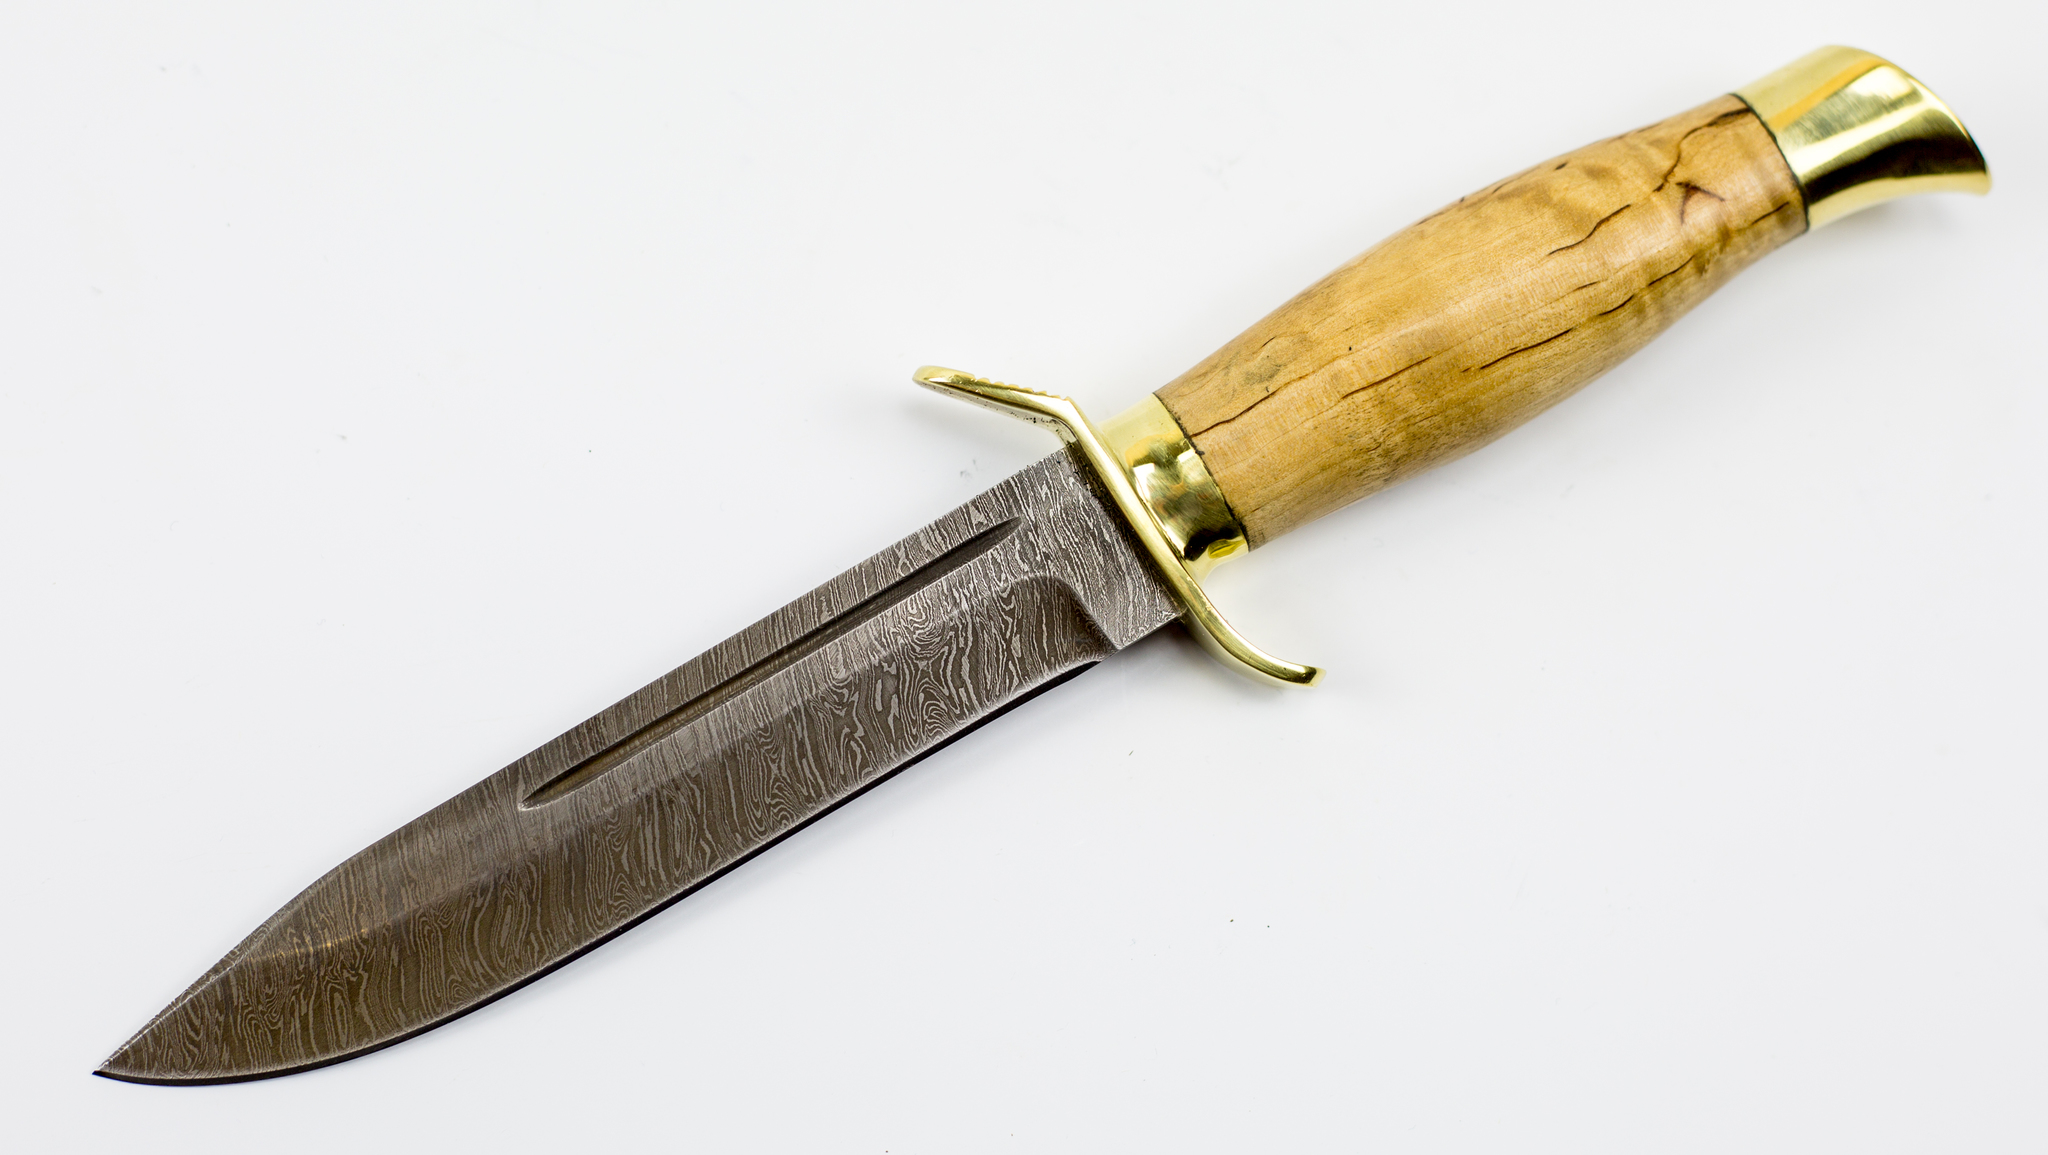 Фото 6 - Нож НР-40, сталь дамаск, карельская береза от Промтехснаб